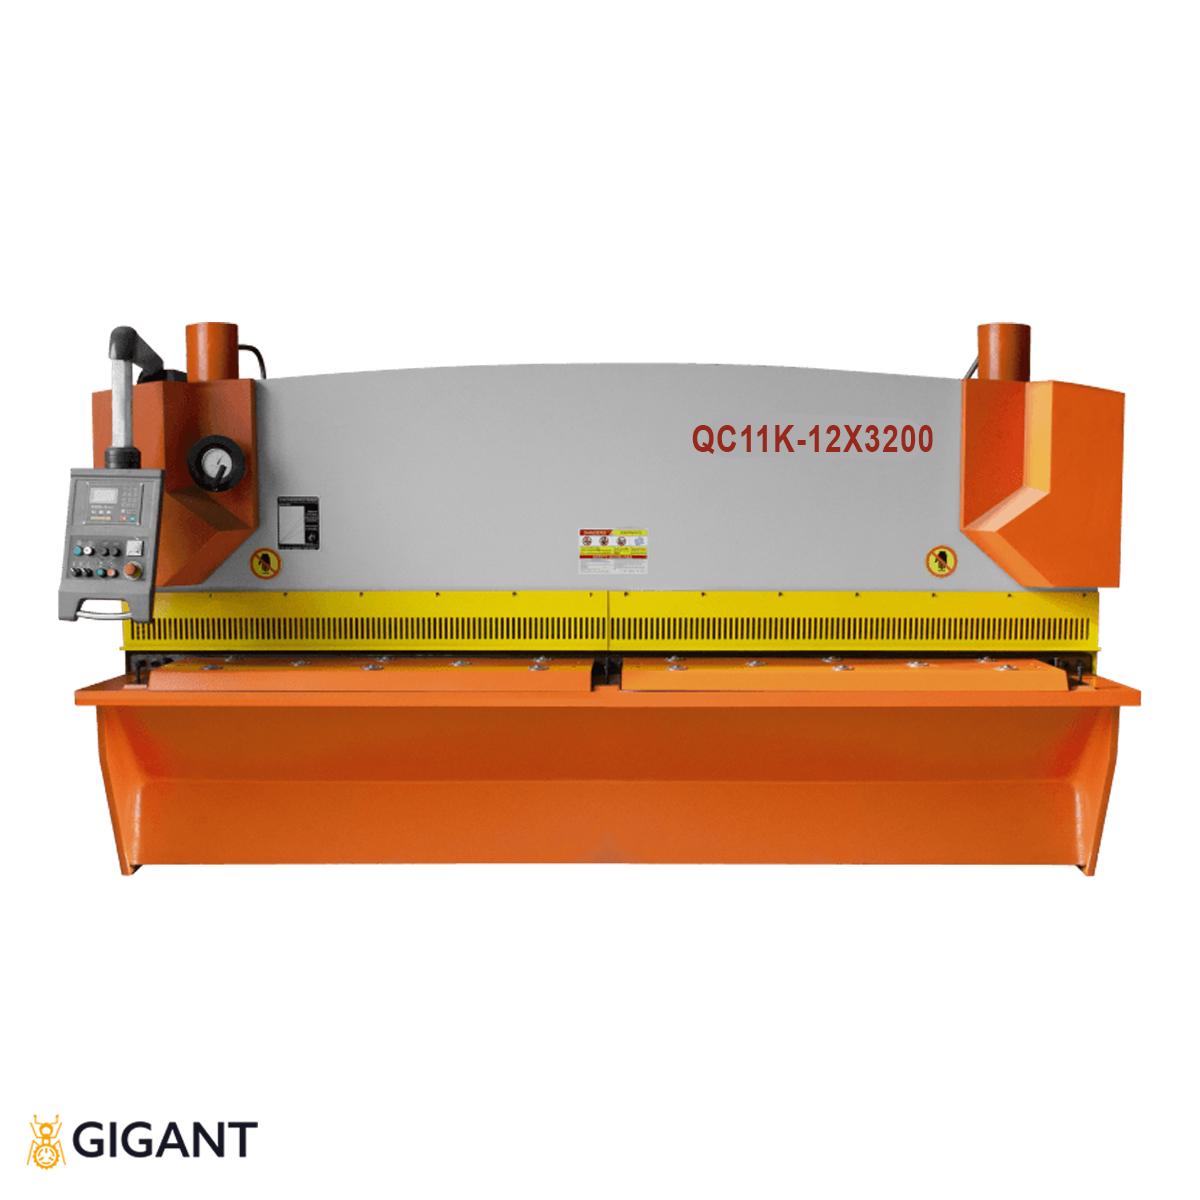 Гильотина гидравлическая STALEX QC11K-12x3200